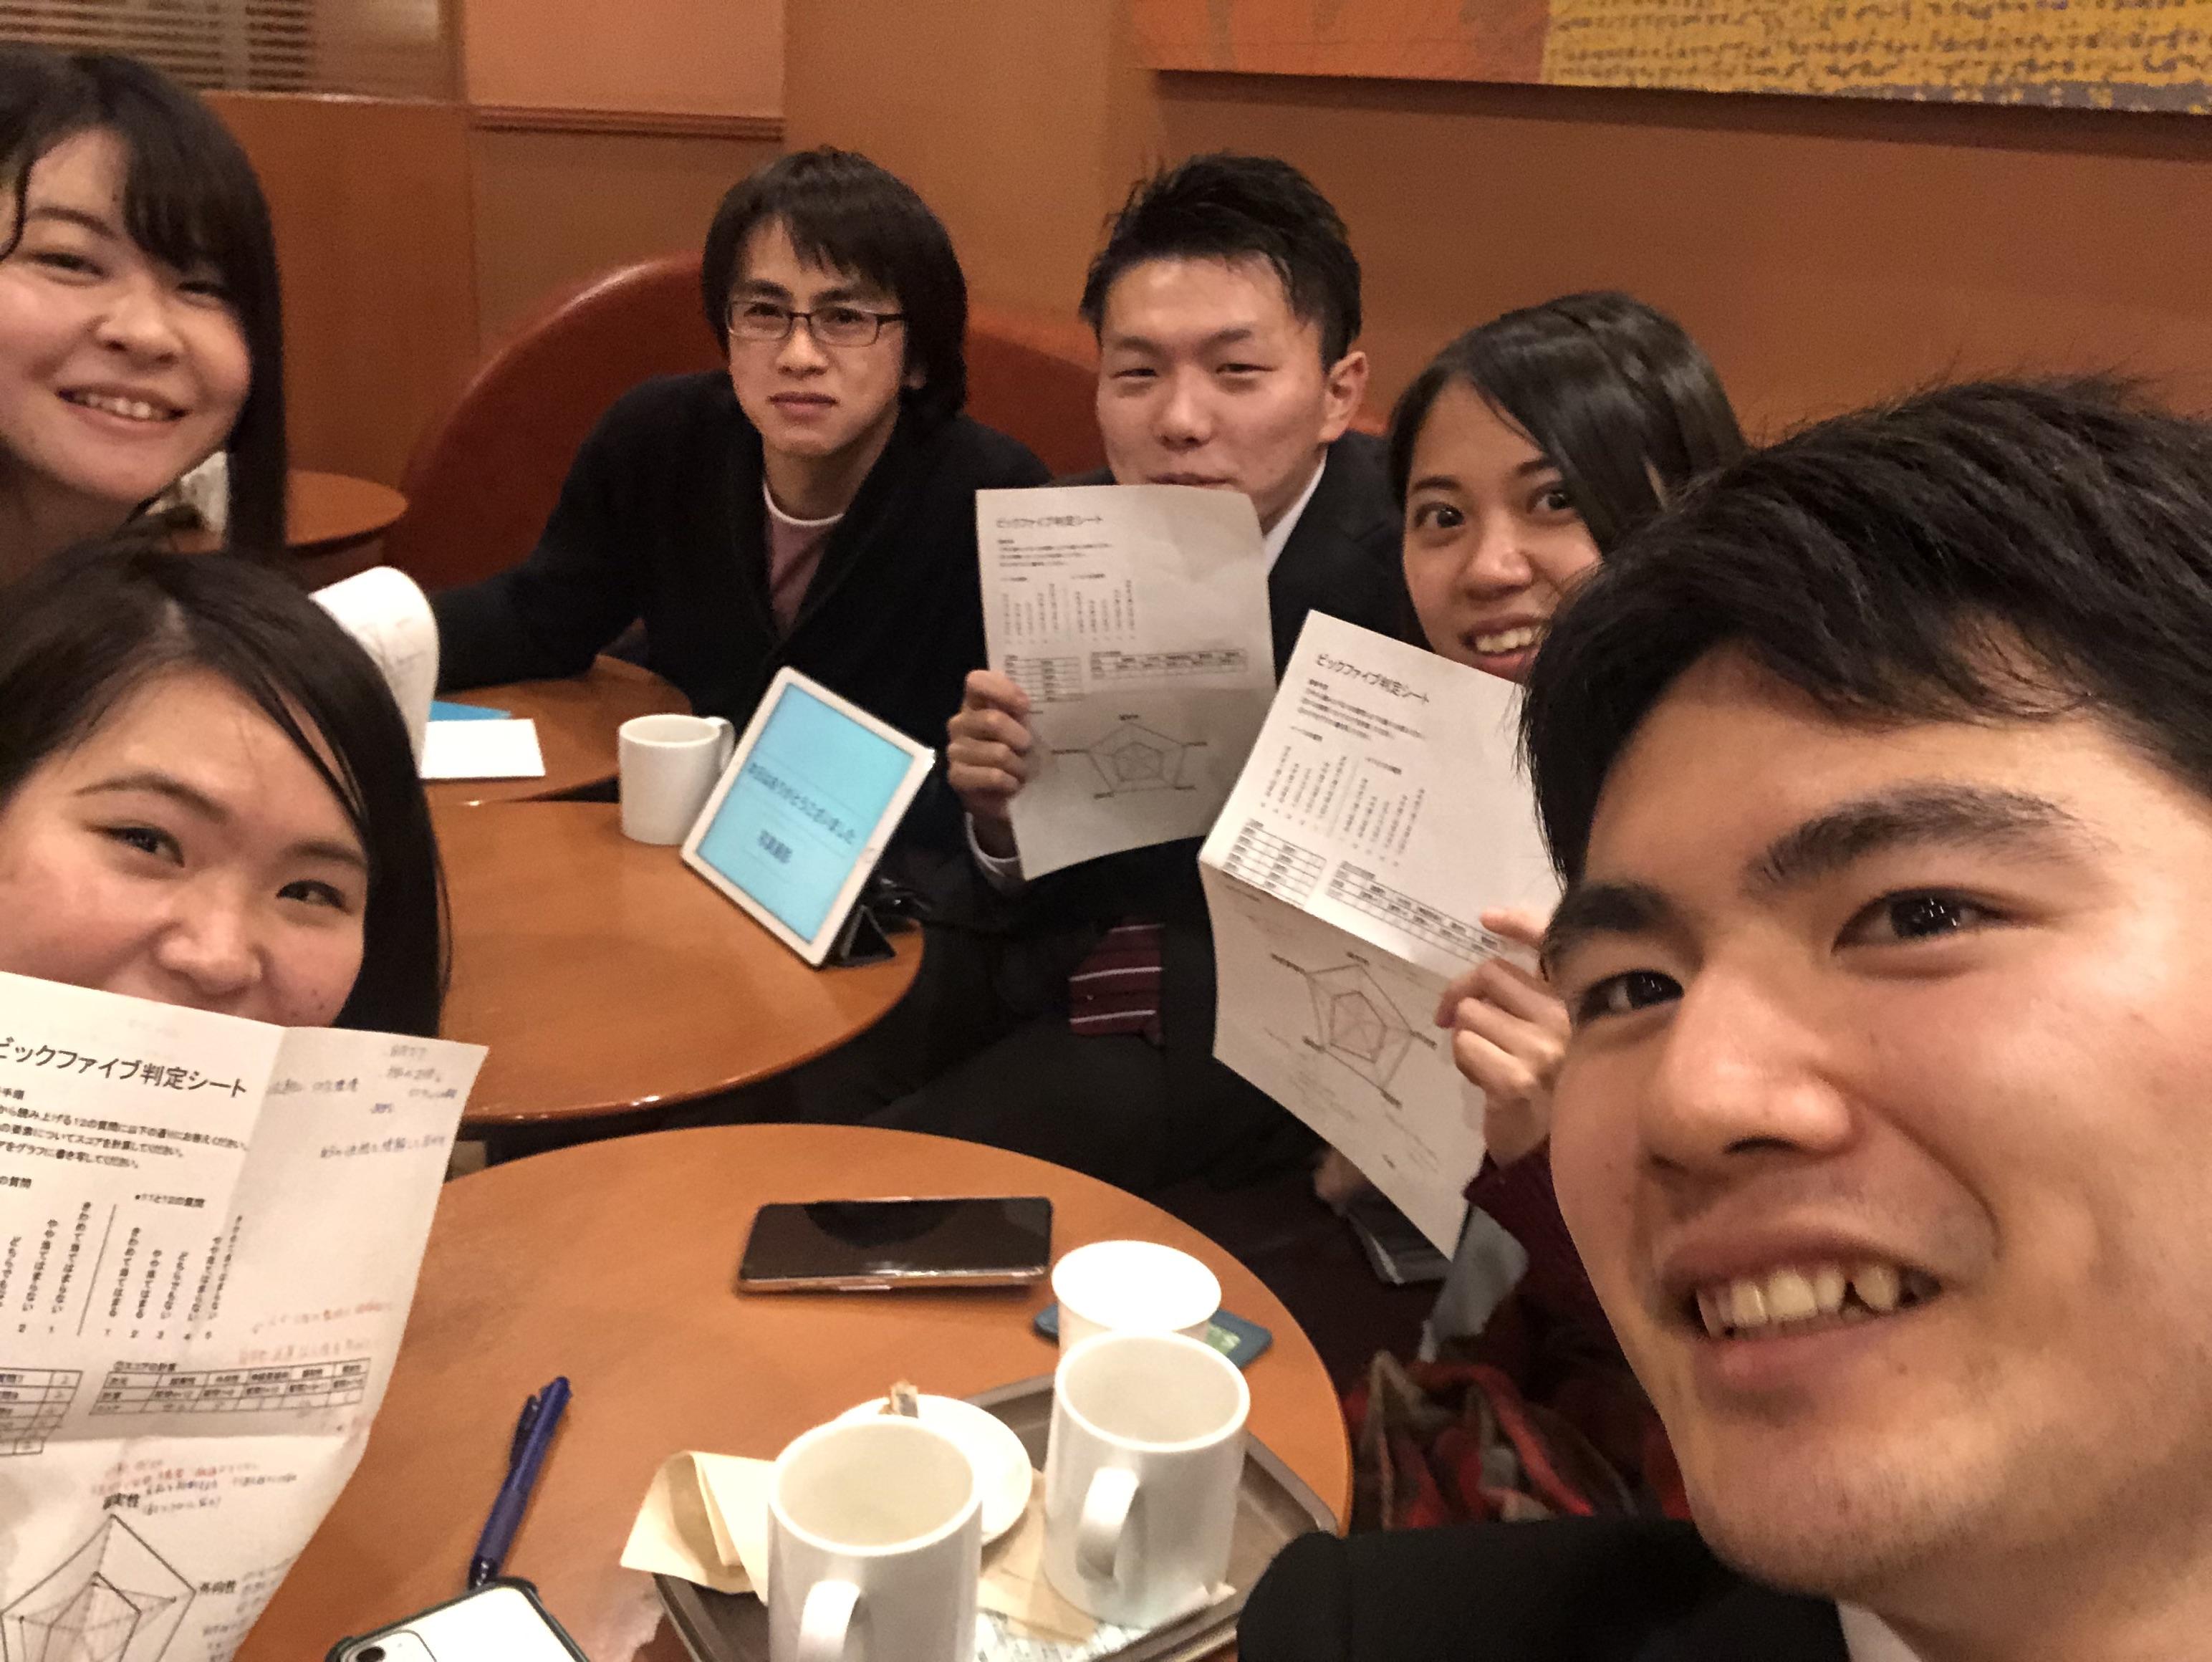 2020年2月20日 第9回目の自己分析セミナー東京